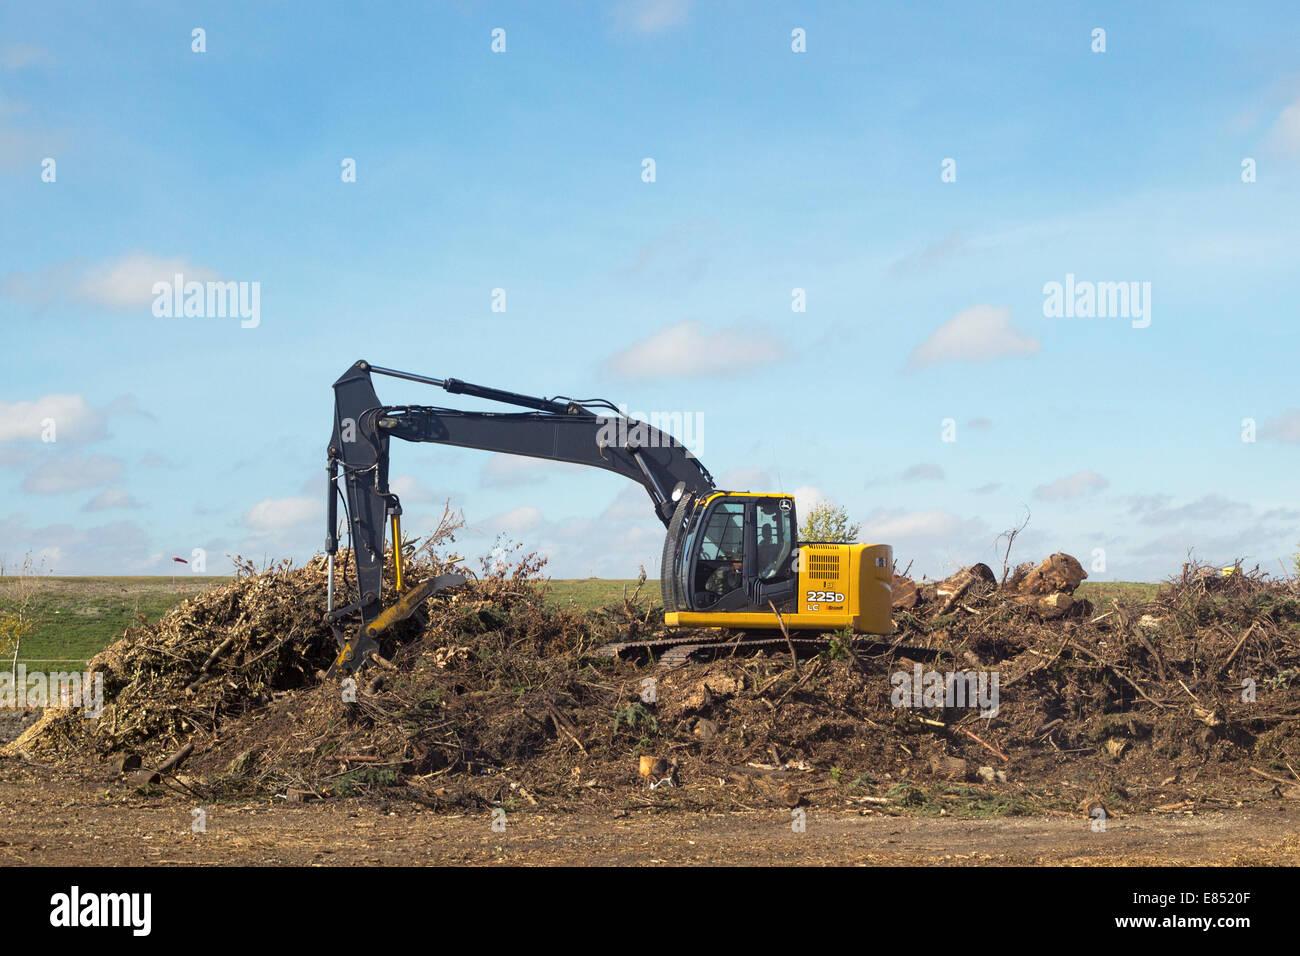 Compostaje de hileras de árboles para pajote en Shepard Instalación de gestión de desechos. Imagen De Stock